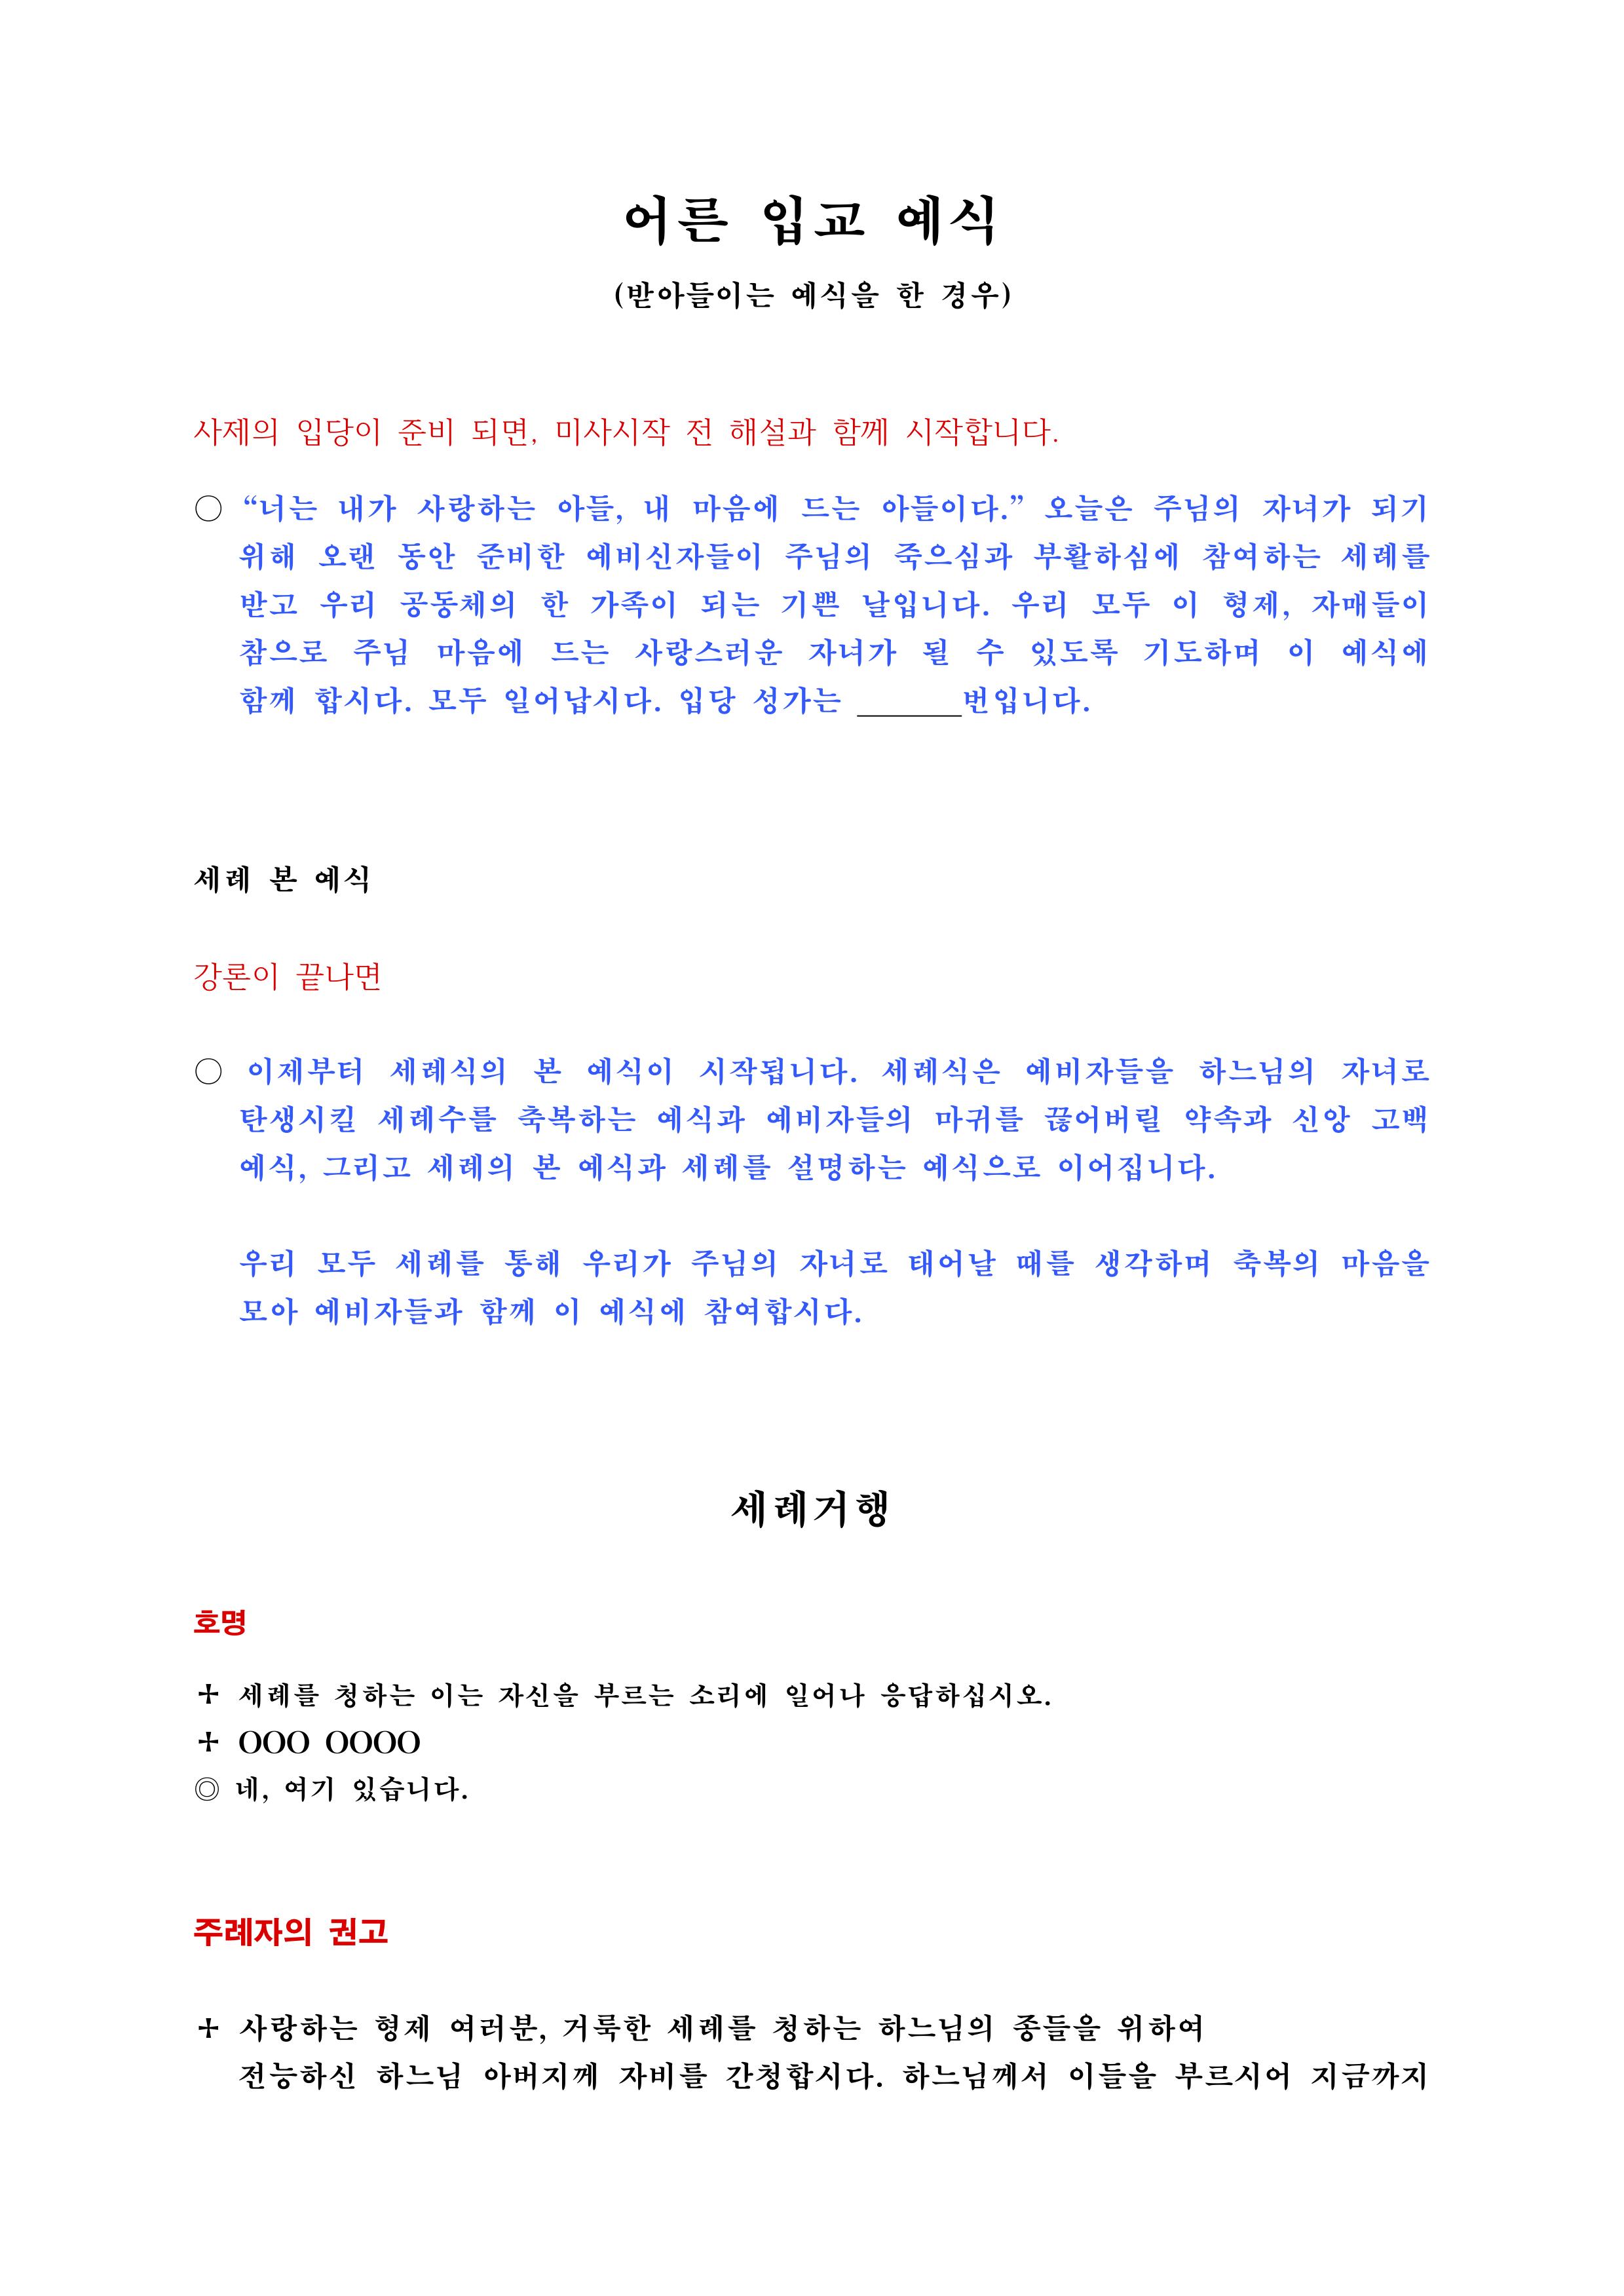 어른 입교 예식(괴정성당용-해설)1.jpg